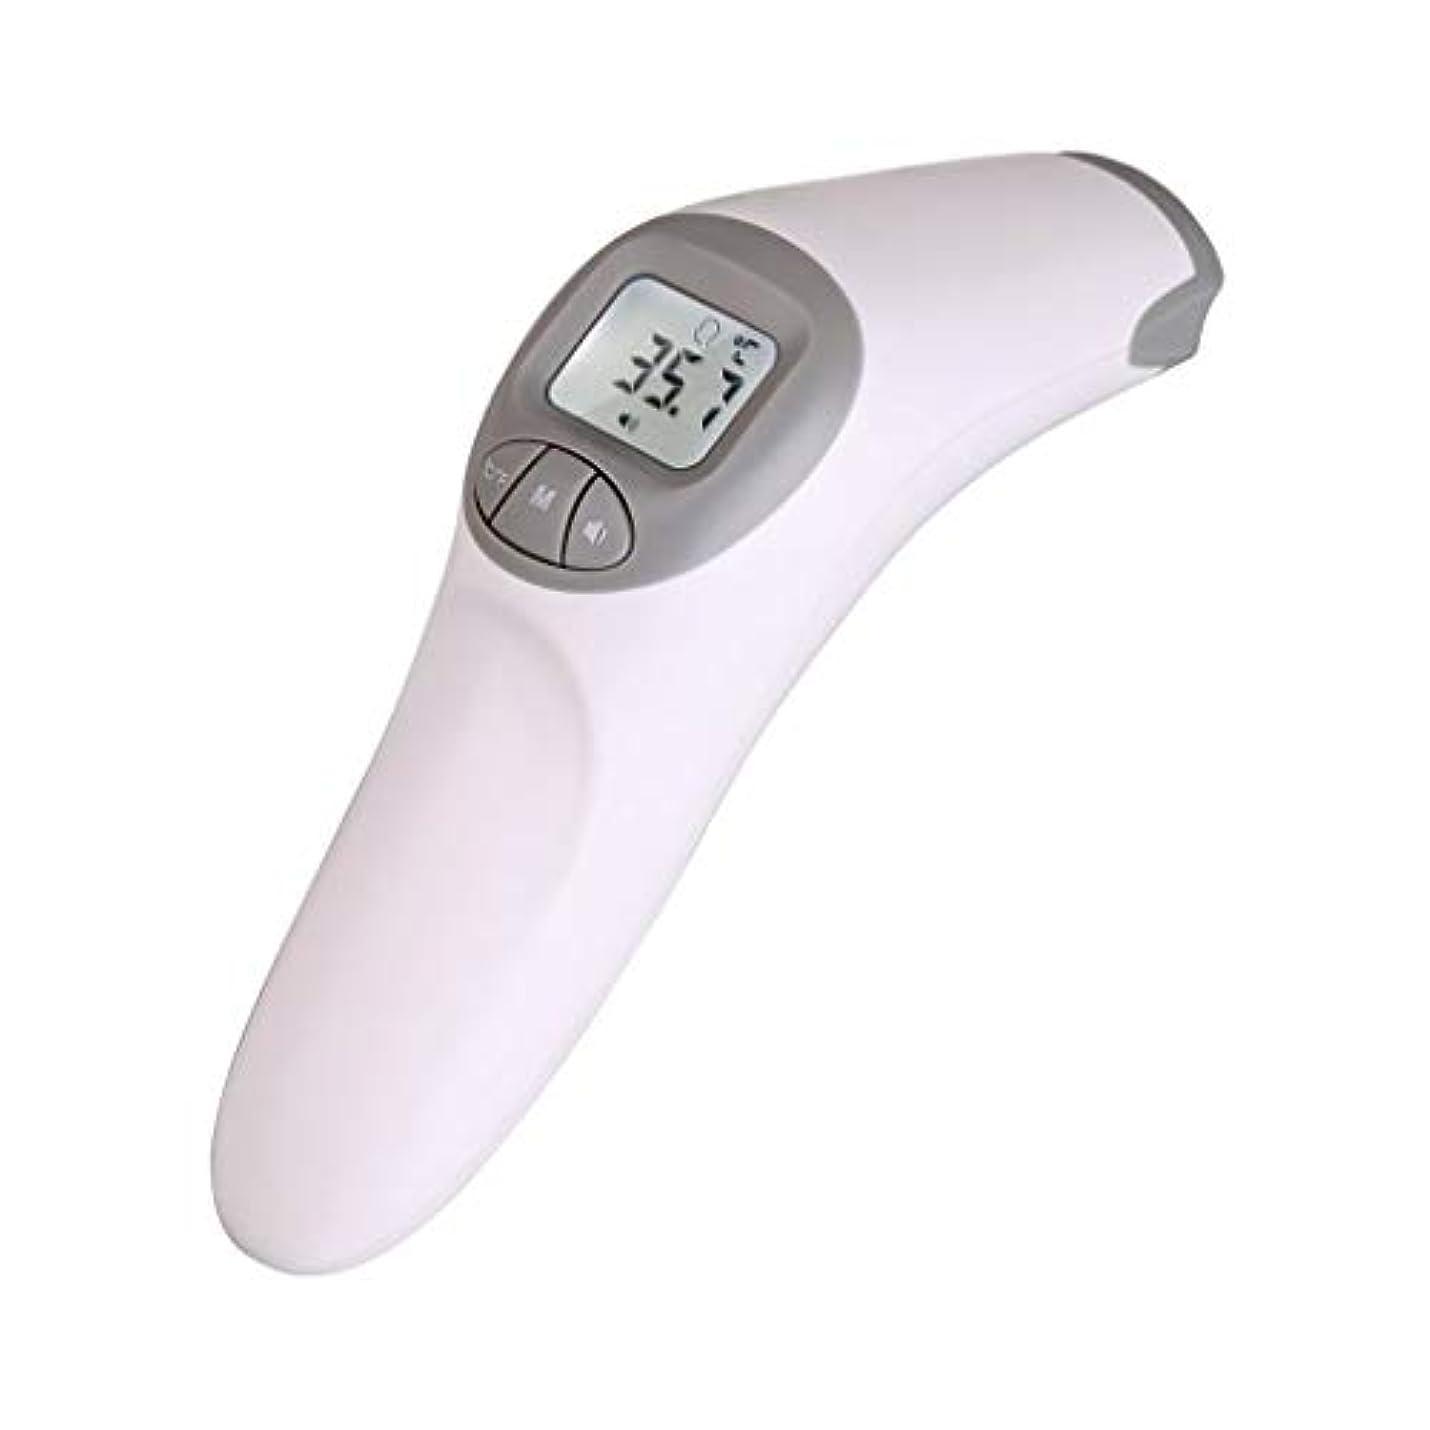 おばさん周術期下る温度計の額デジタル赤外線非接触赤ちゃん温度計ホーム赤ちゃん温度計電子温度計